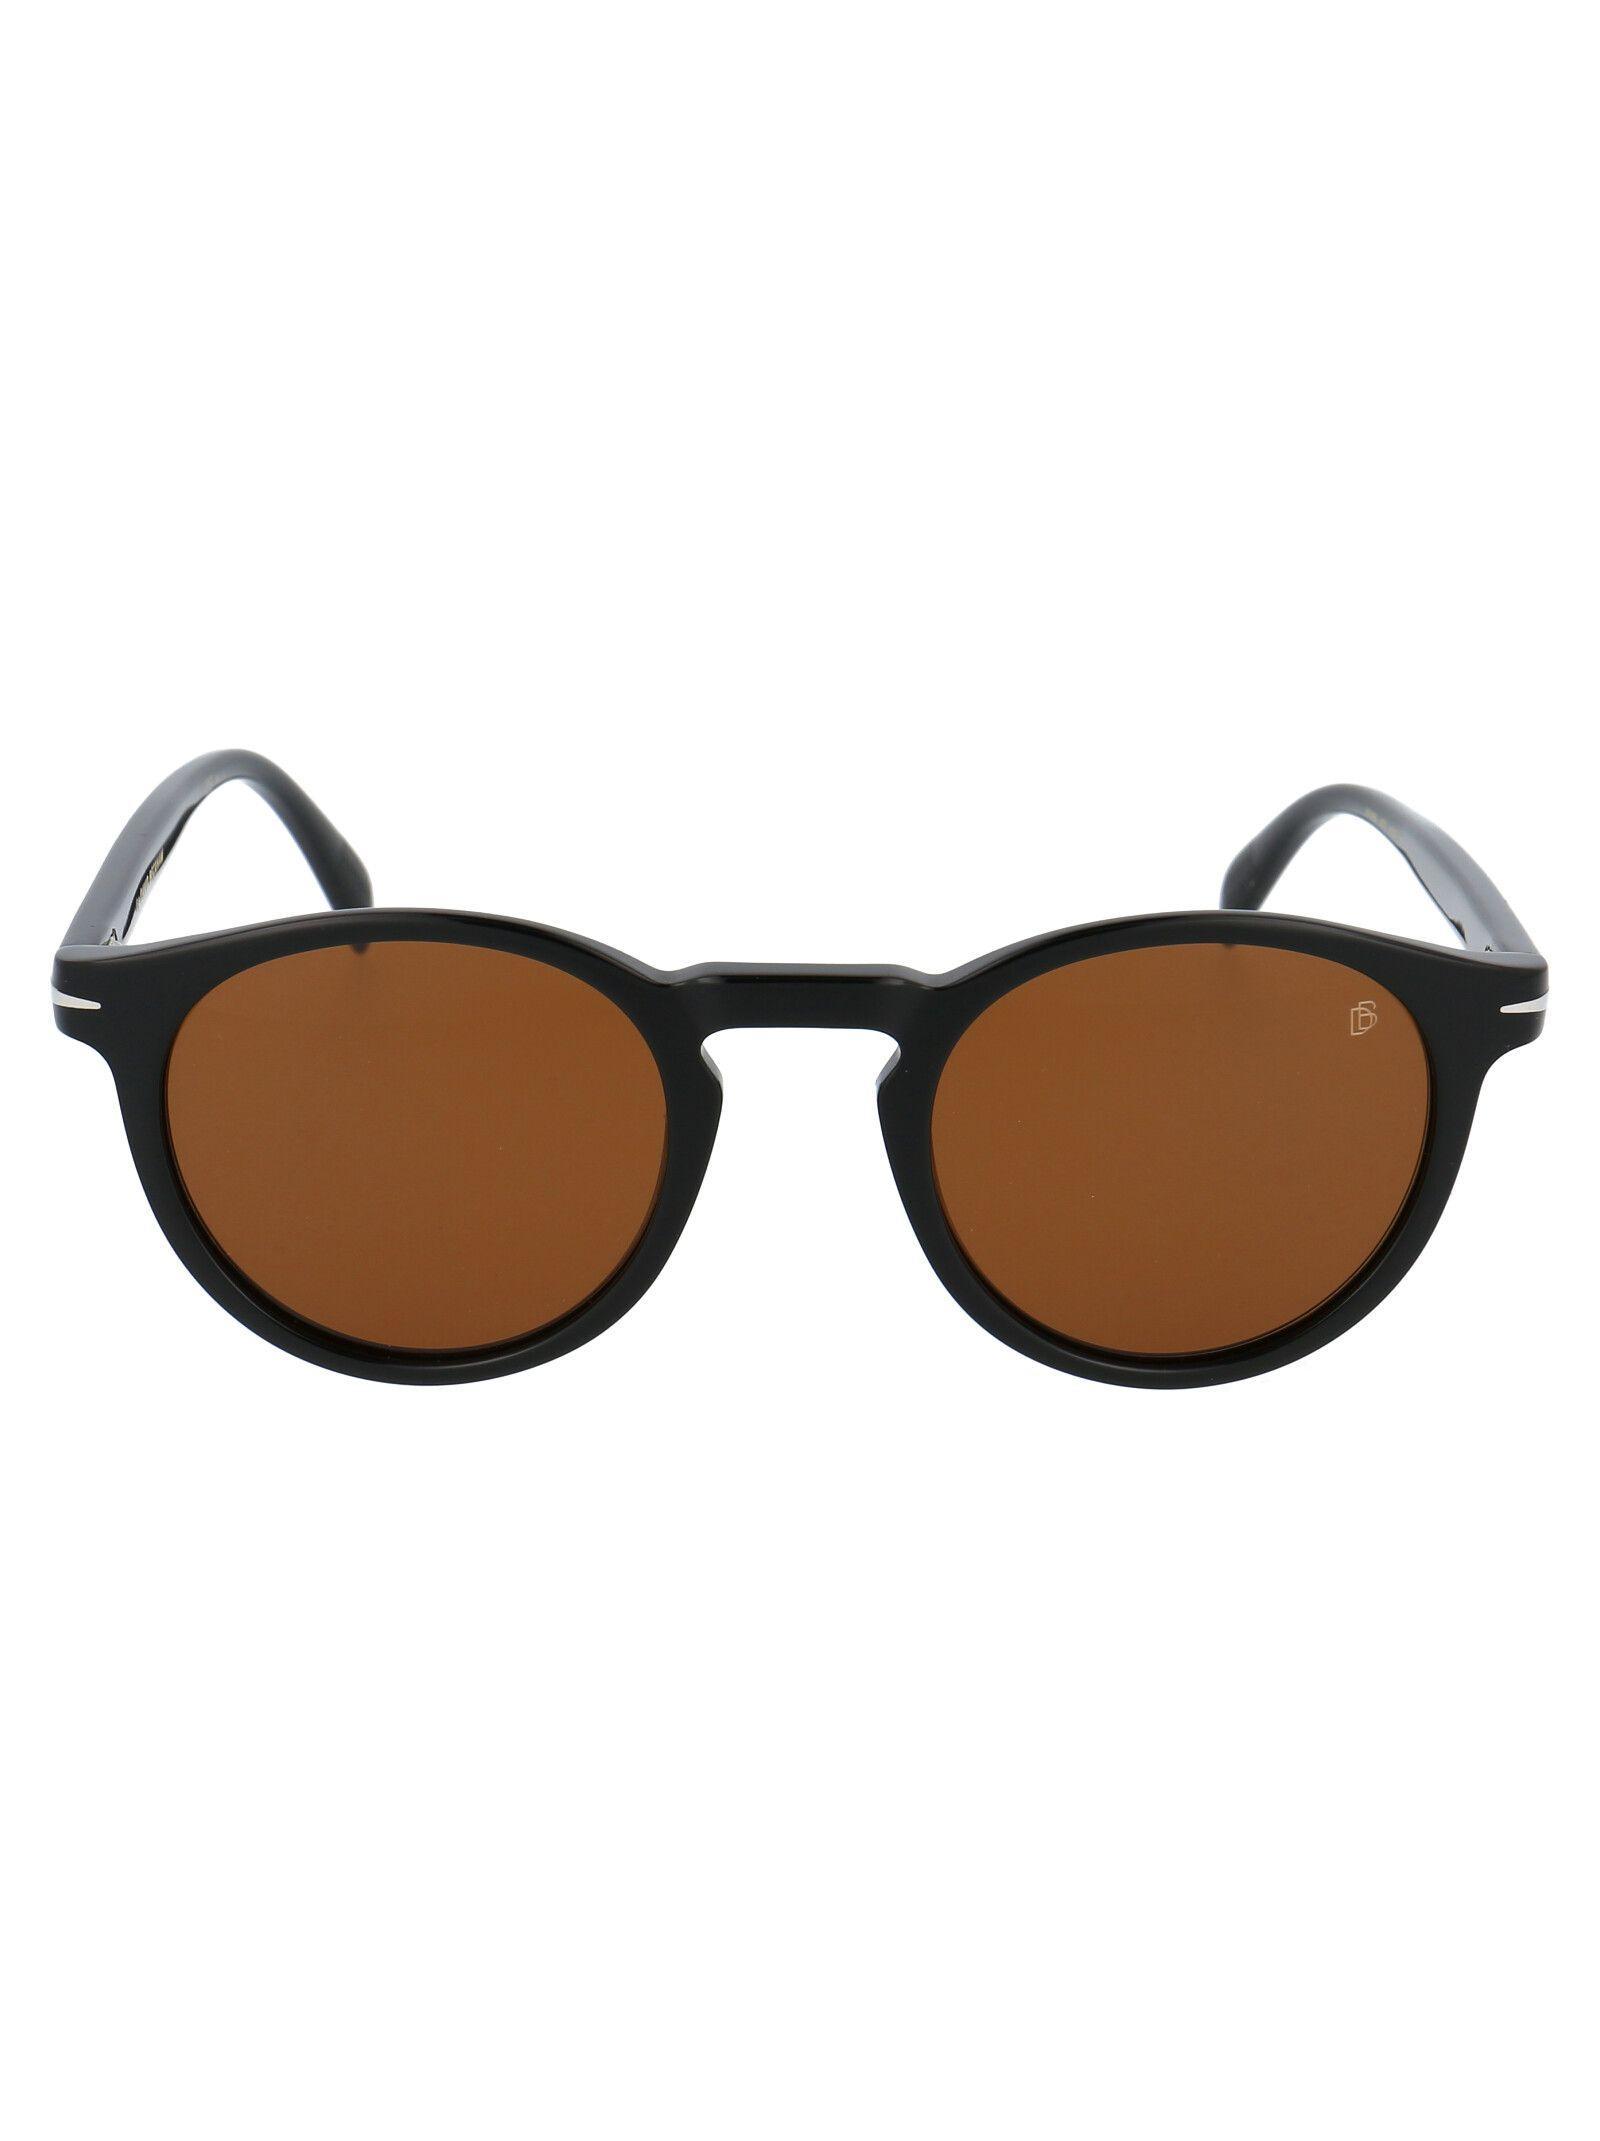 David Beckham Men's Black Acetate Sunglasses